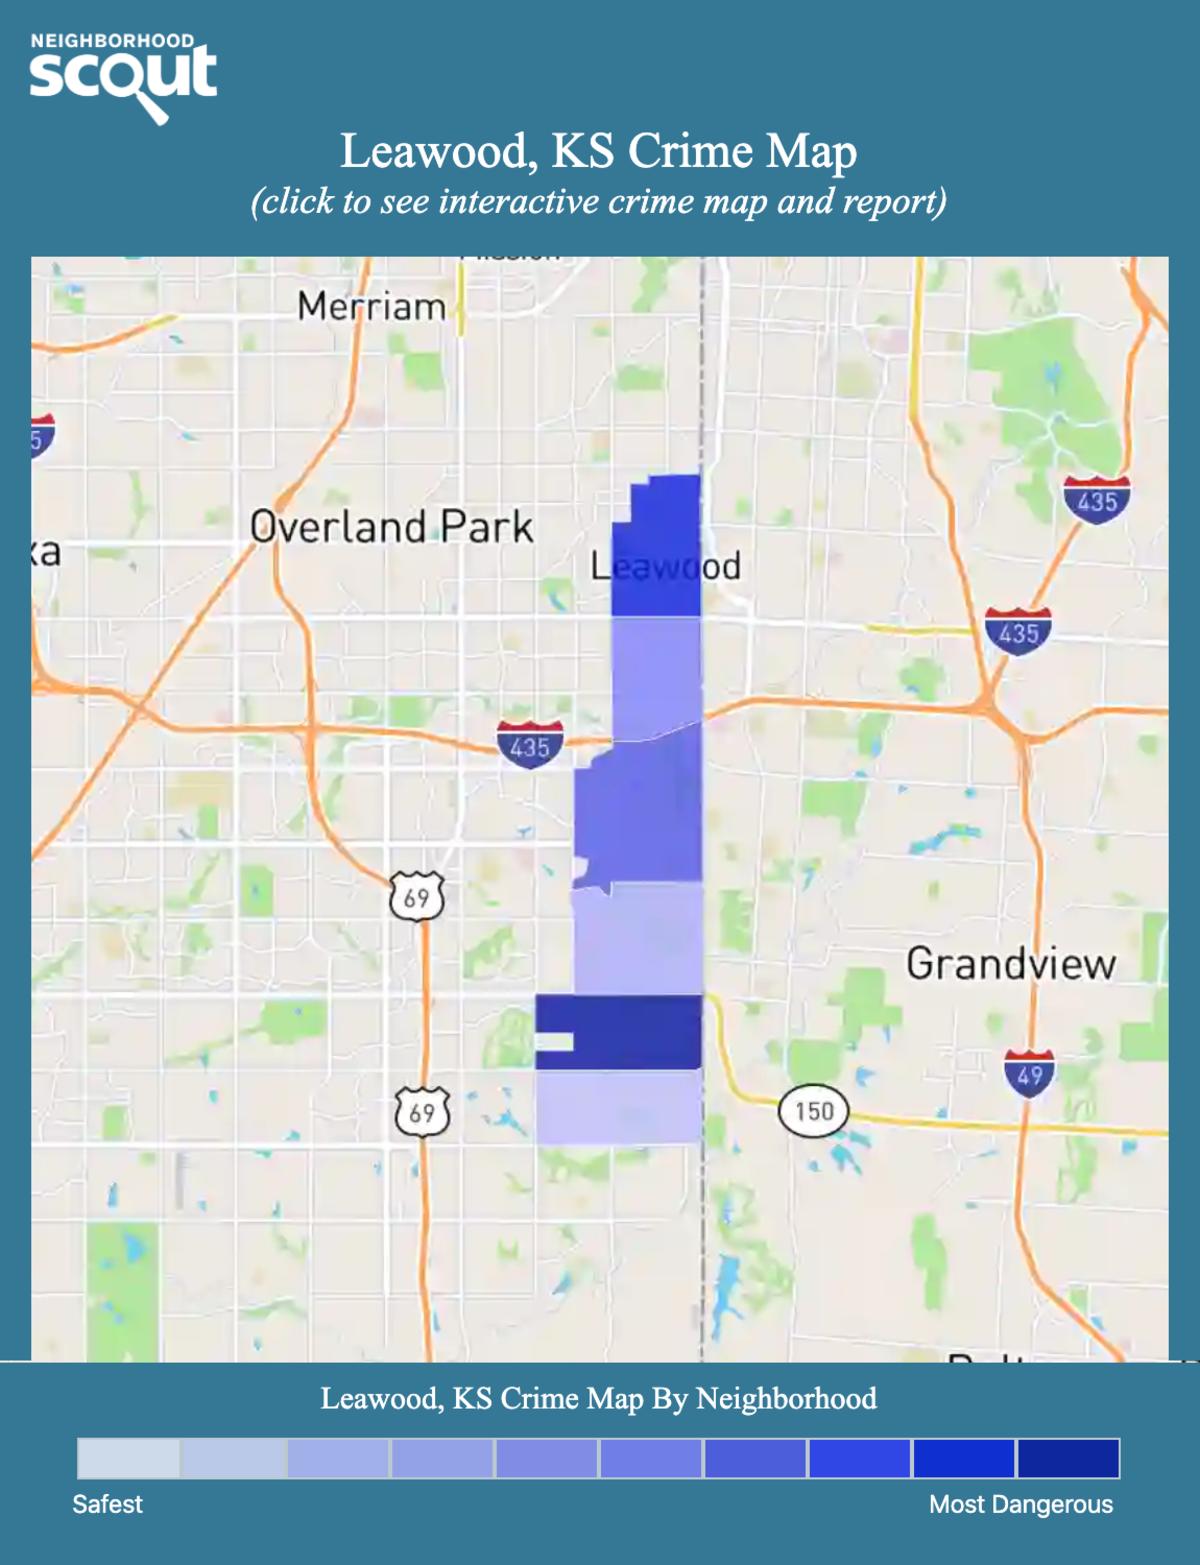 Leawood, Kansas crime map